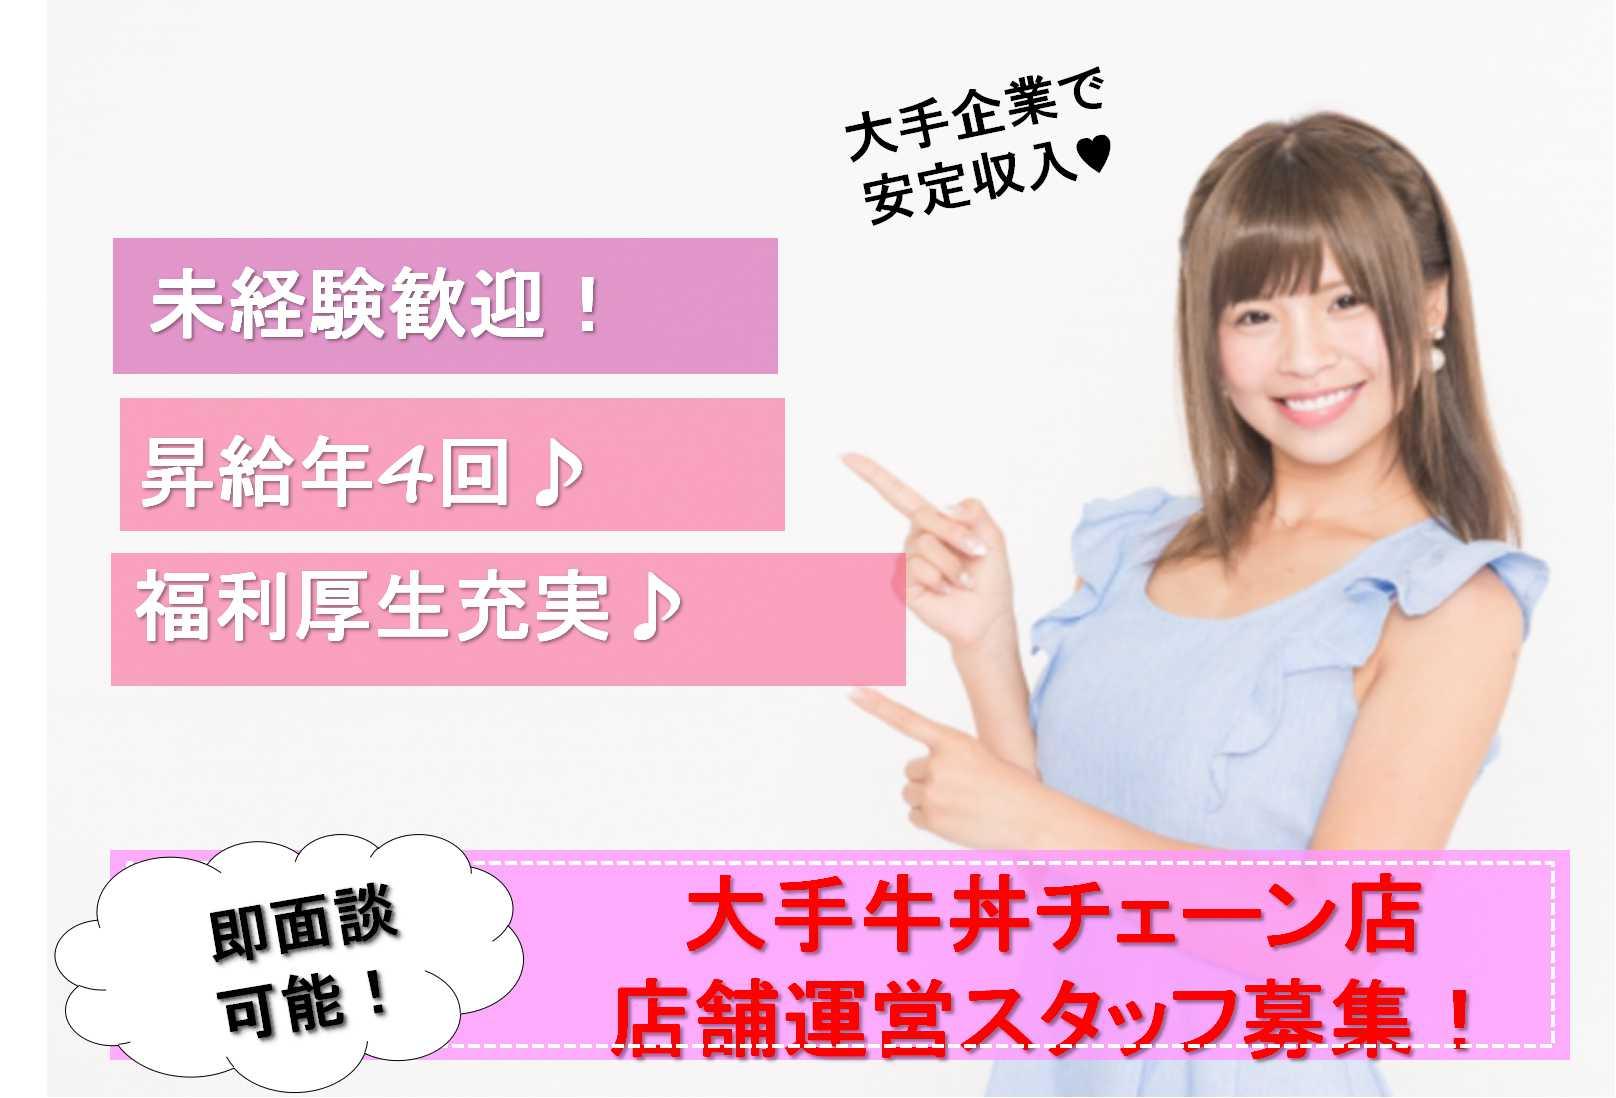 【急募】牛丼屋の店舗運営スタッフ 昇給年4回♪福利厚生充実! イメージ